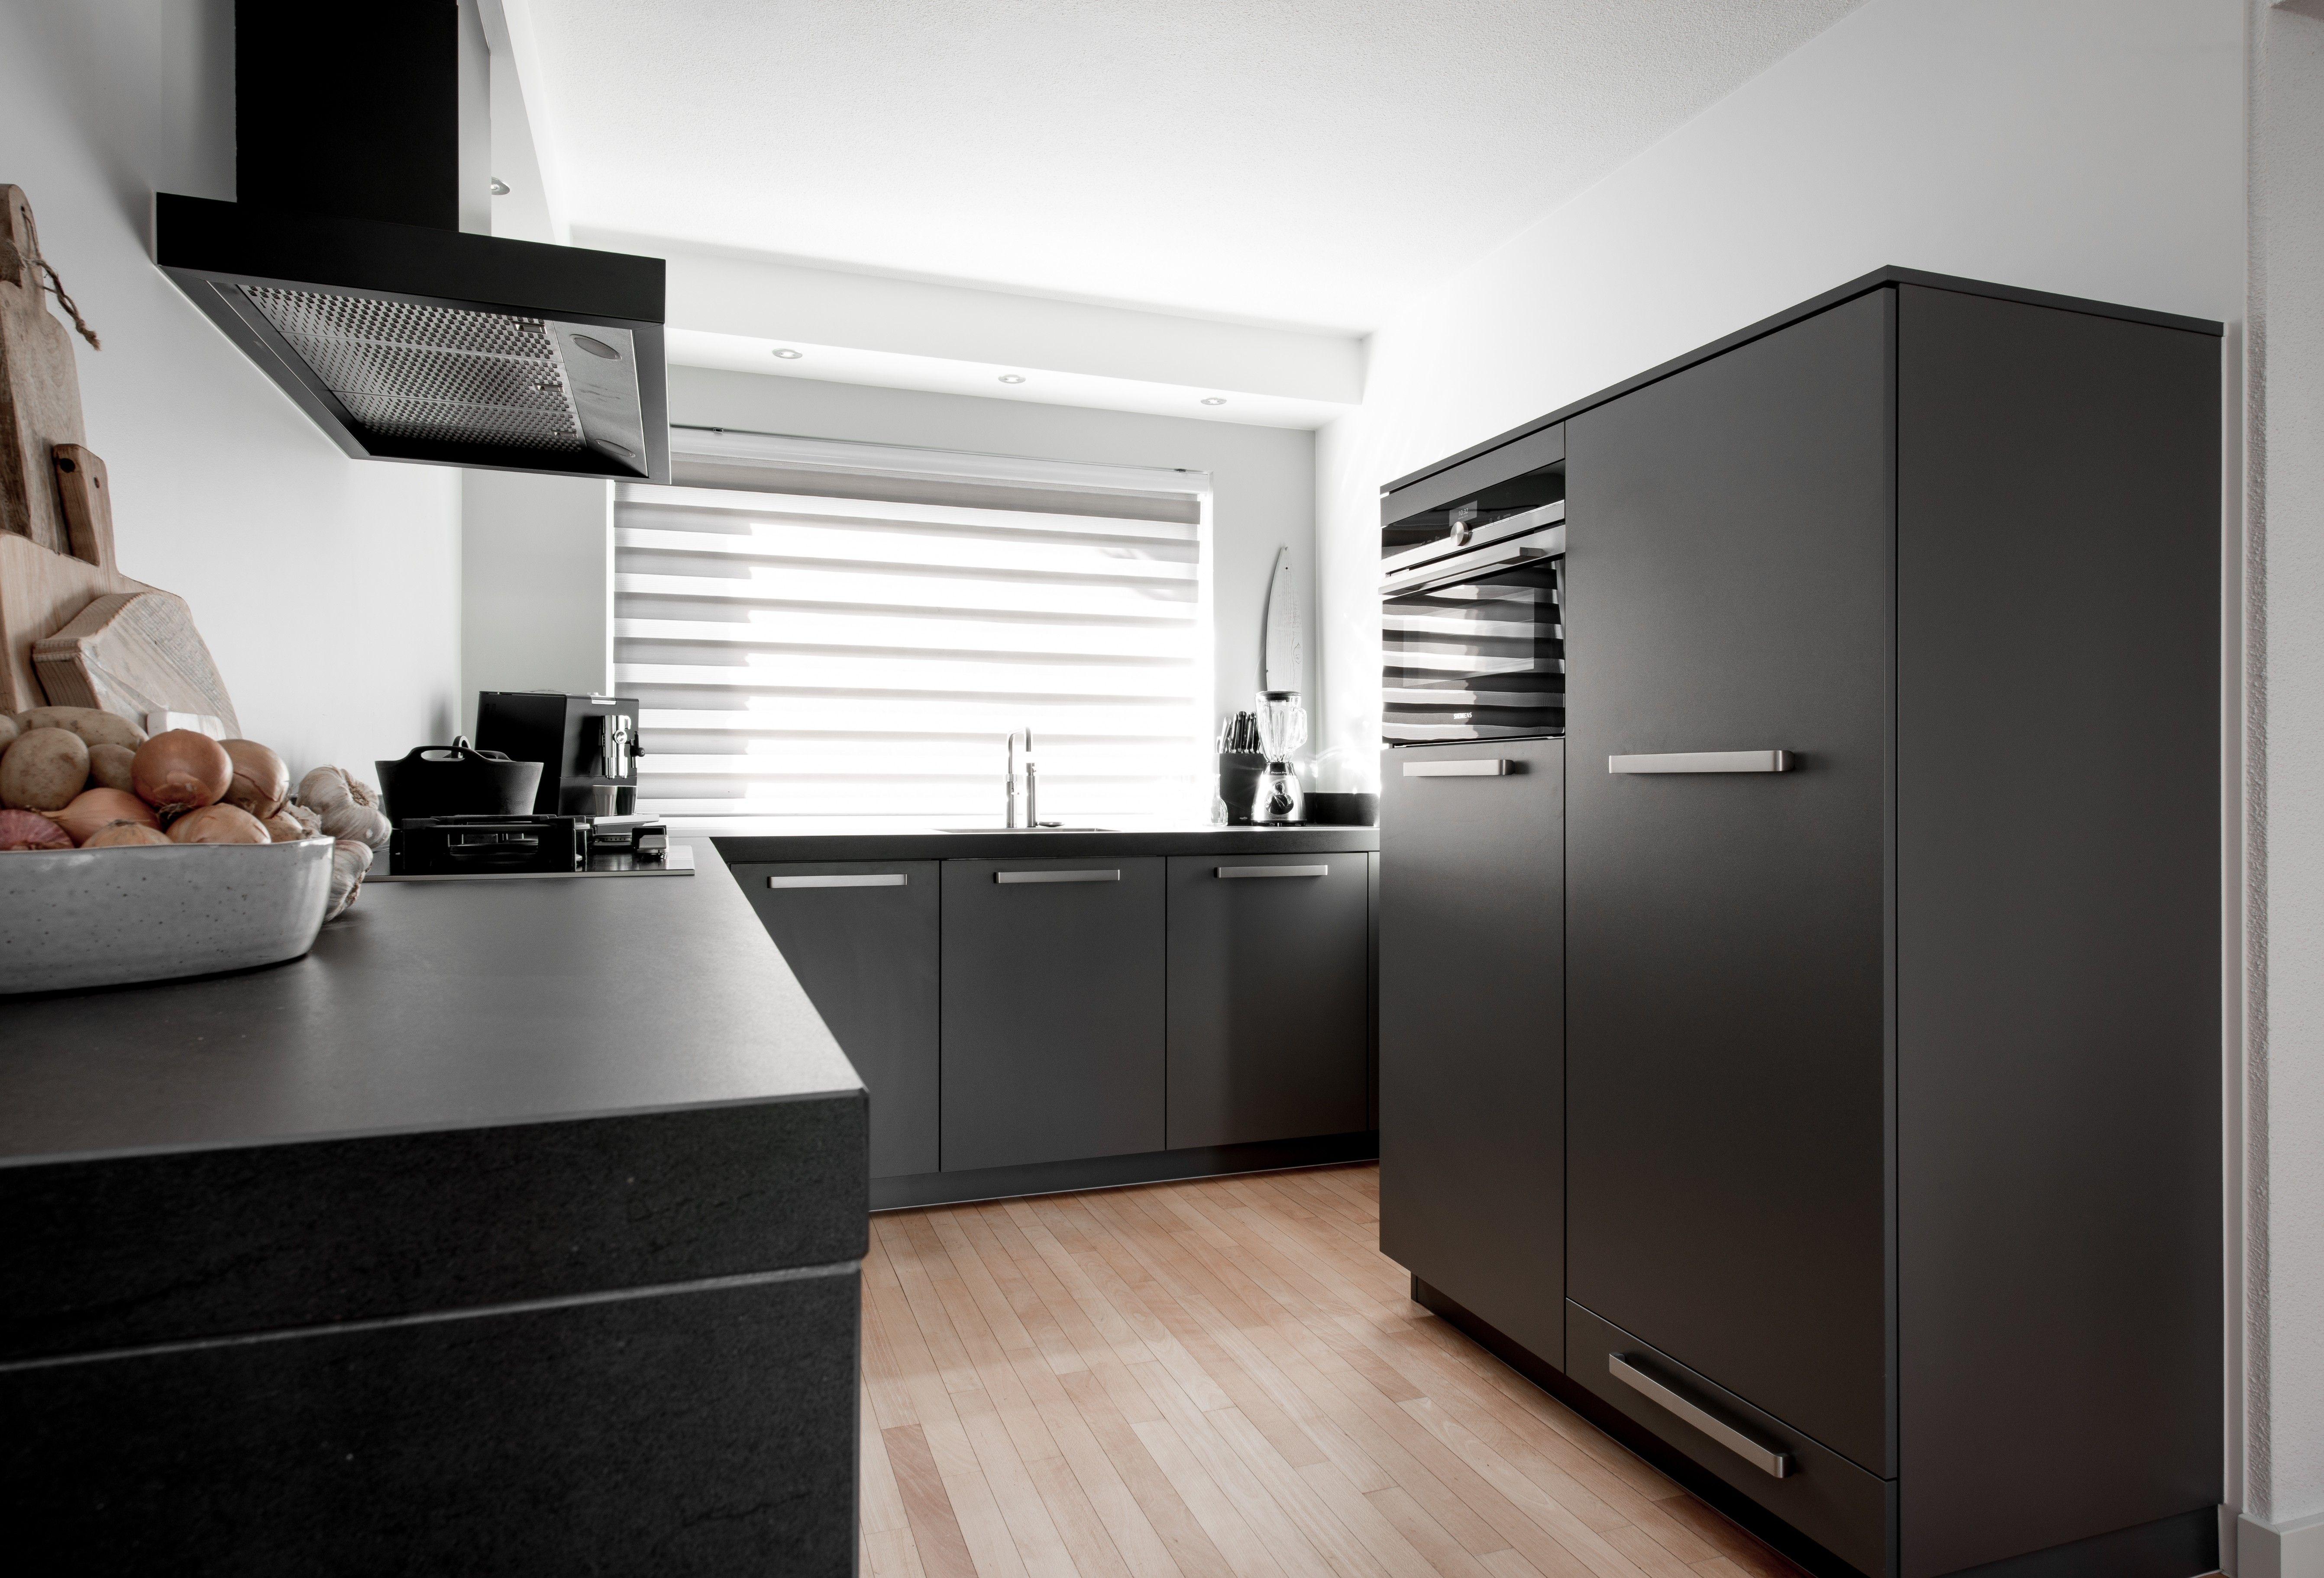 Fusion Design Keuken : Een donkergrijze keuken met witte wanden zwarte apparatuur en een